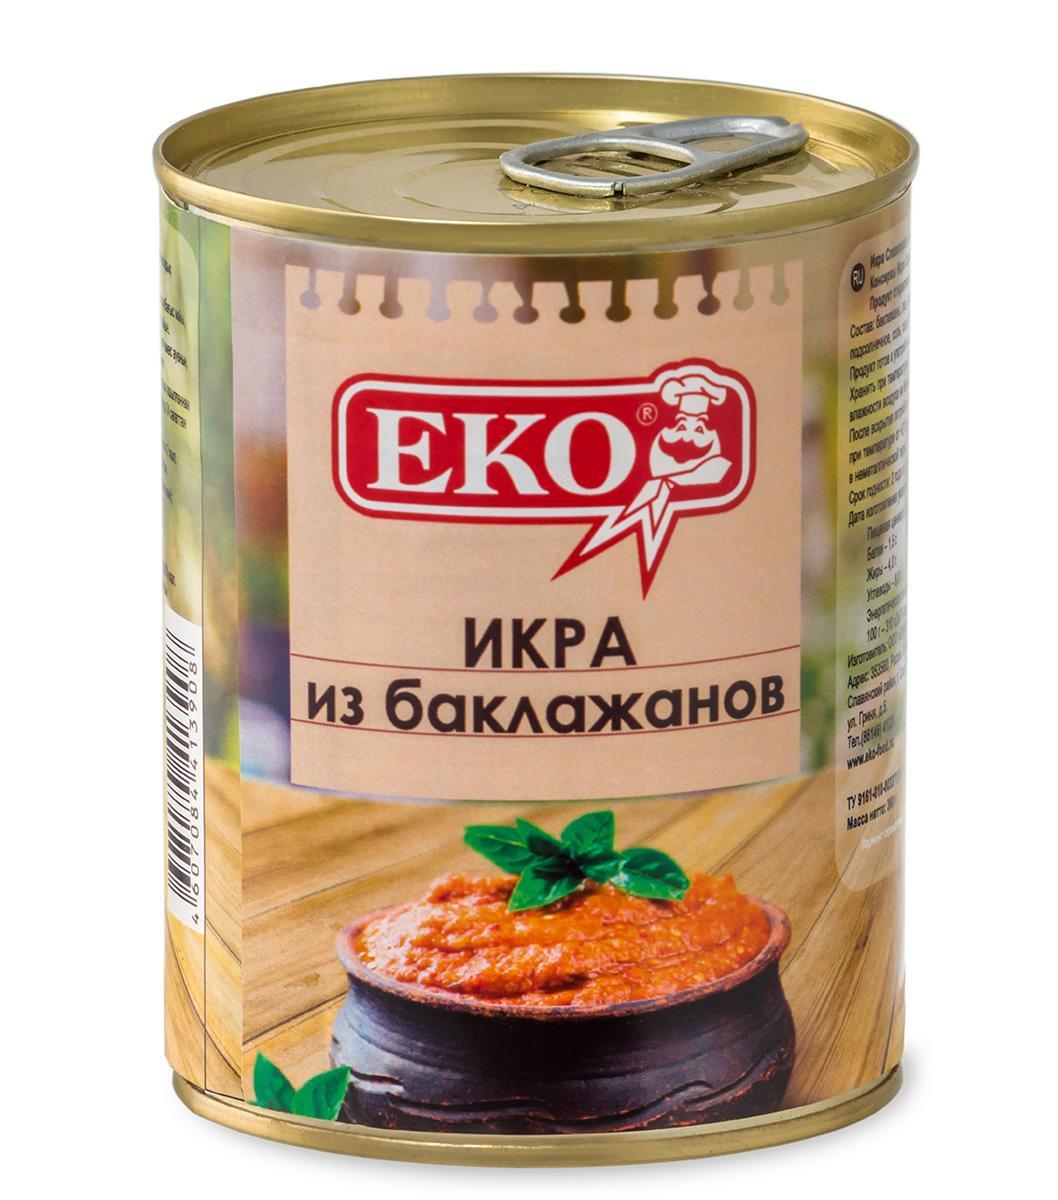 Икра Еко Славянская из баклажанов